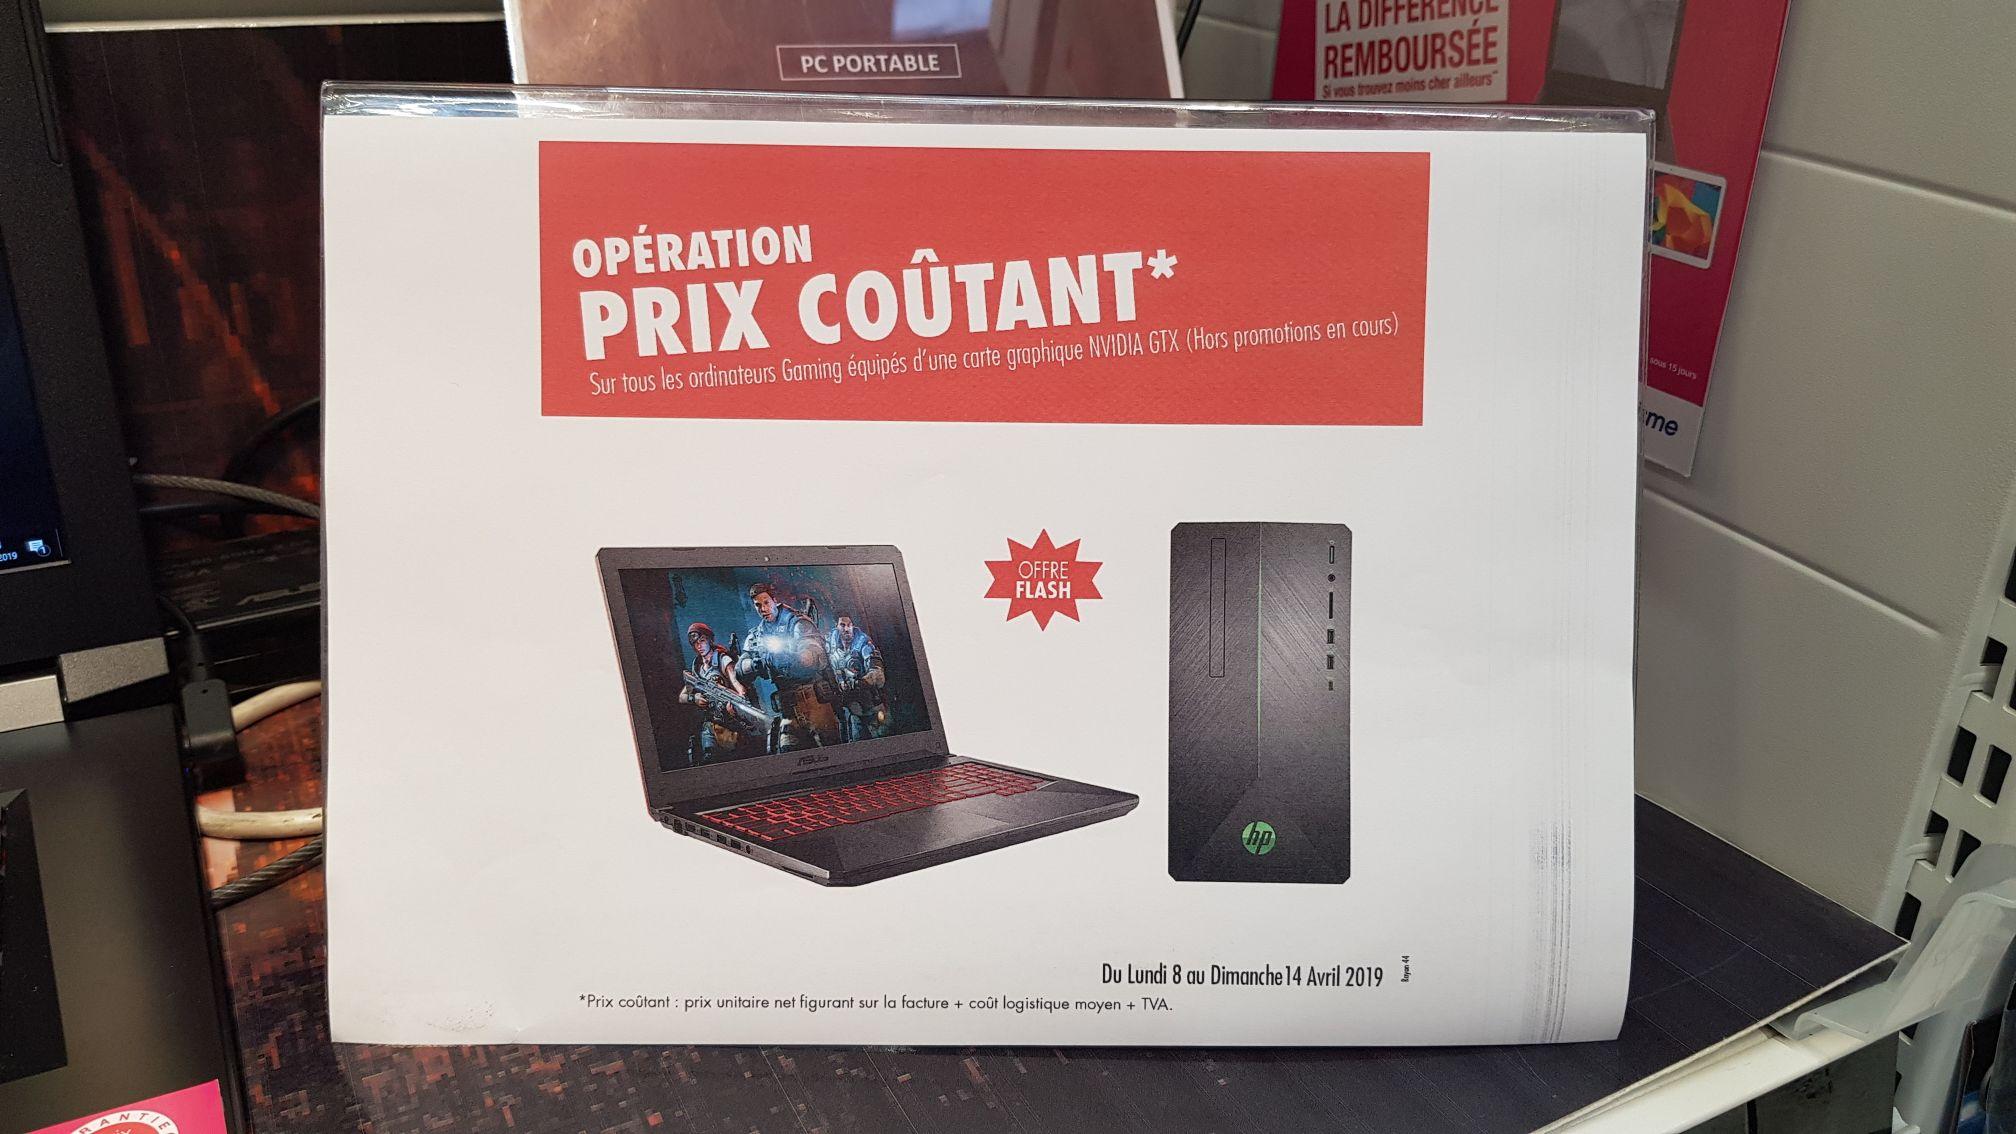 Sélection de PC équipés d'une carte graphique NVIDIA GTX à prix coûtant